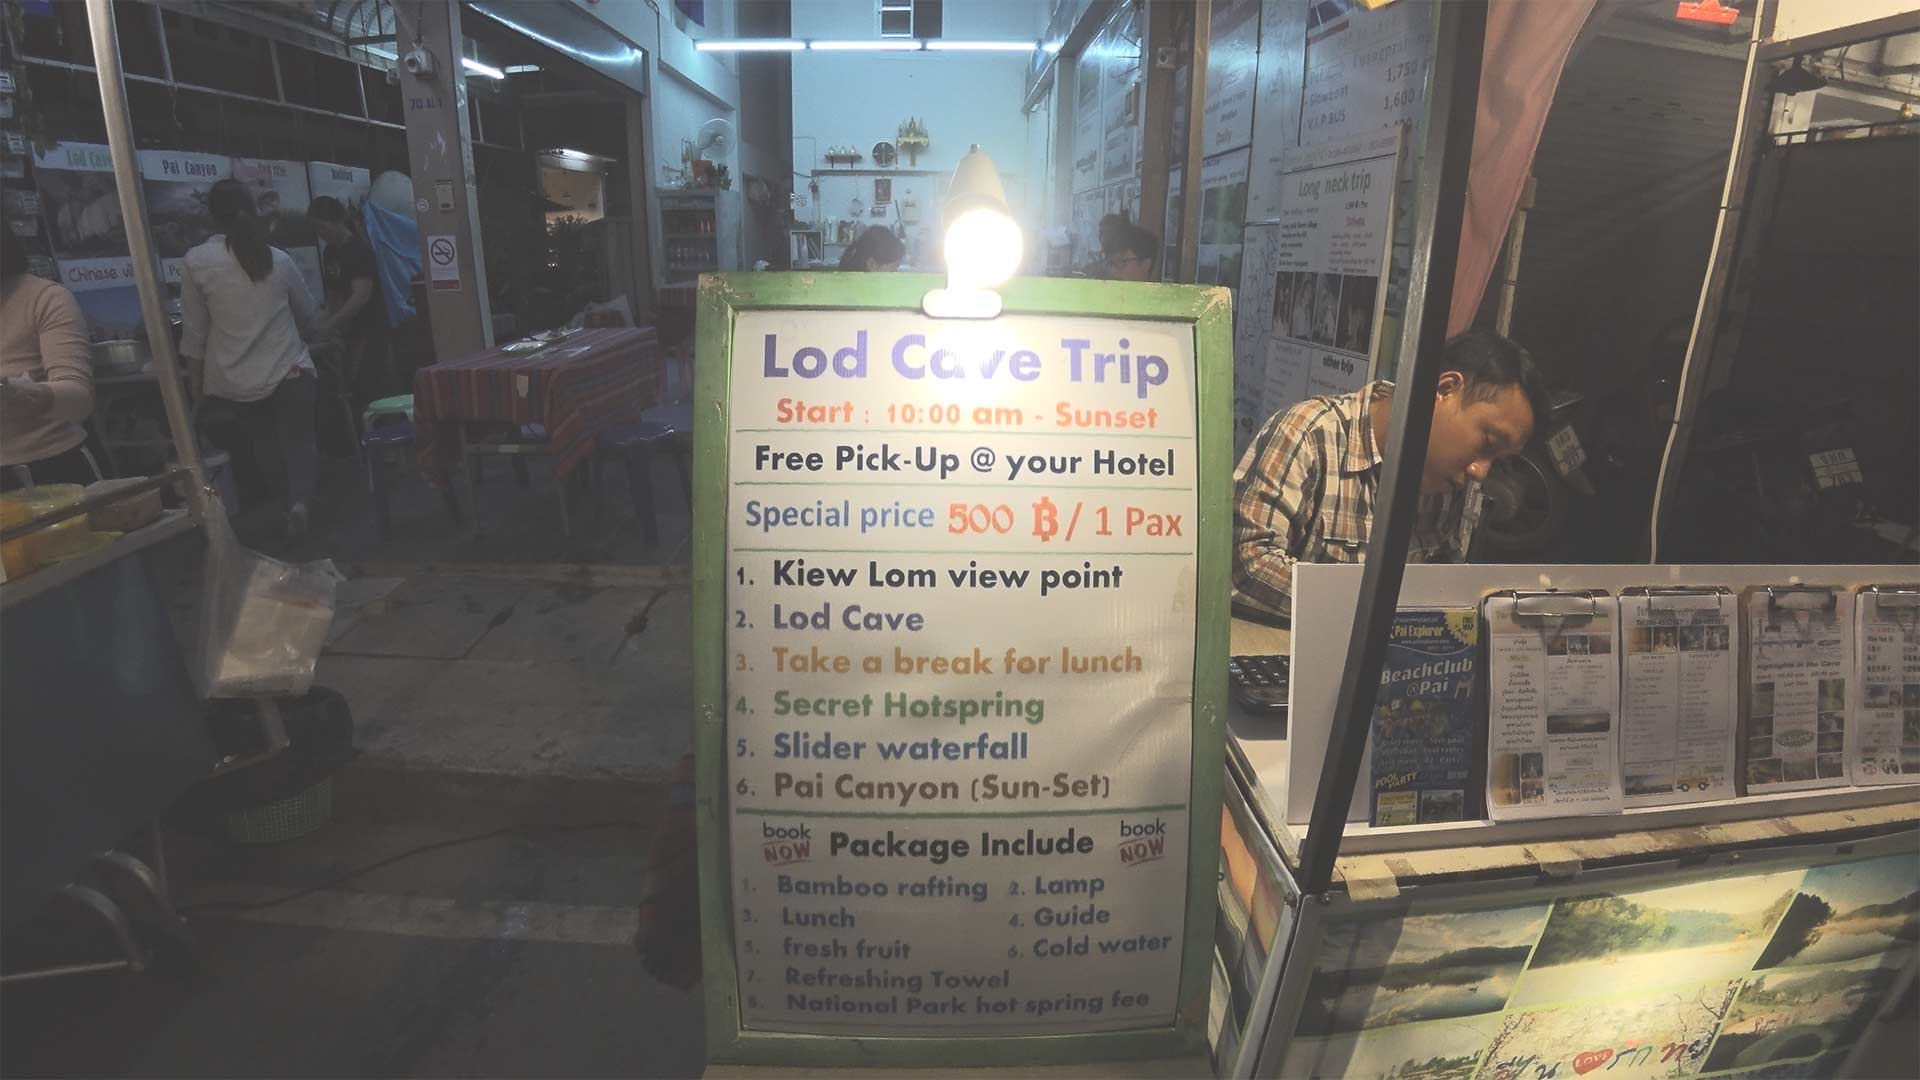 Lod Cave Trip - Programm des Lod Cave Trips in Pai